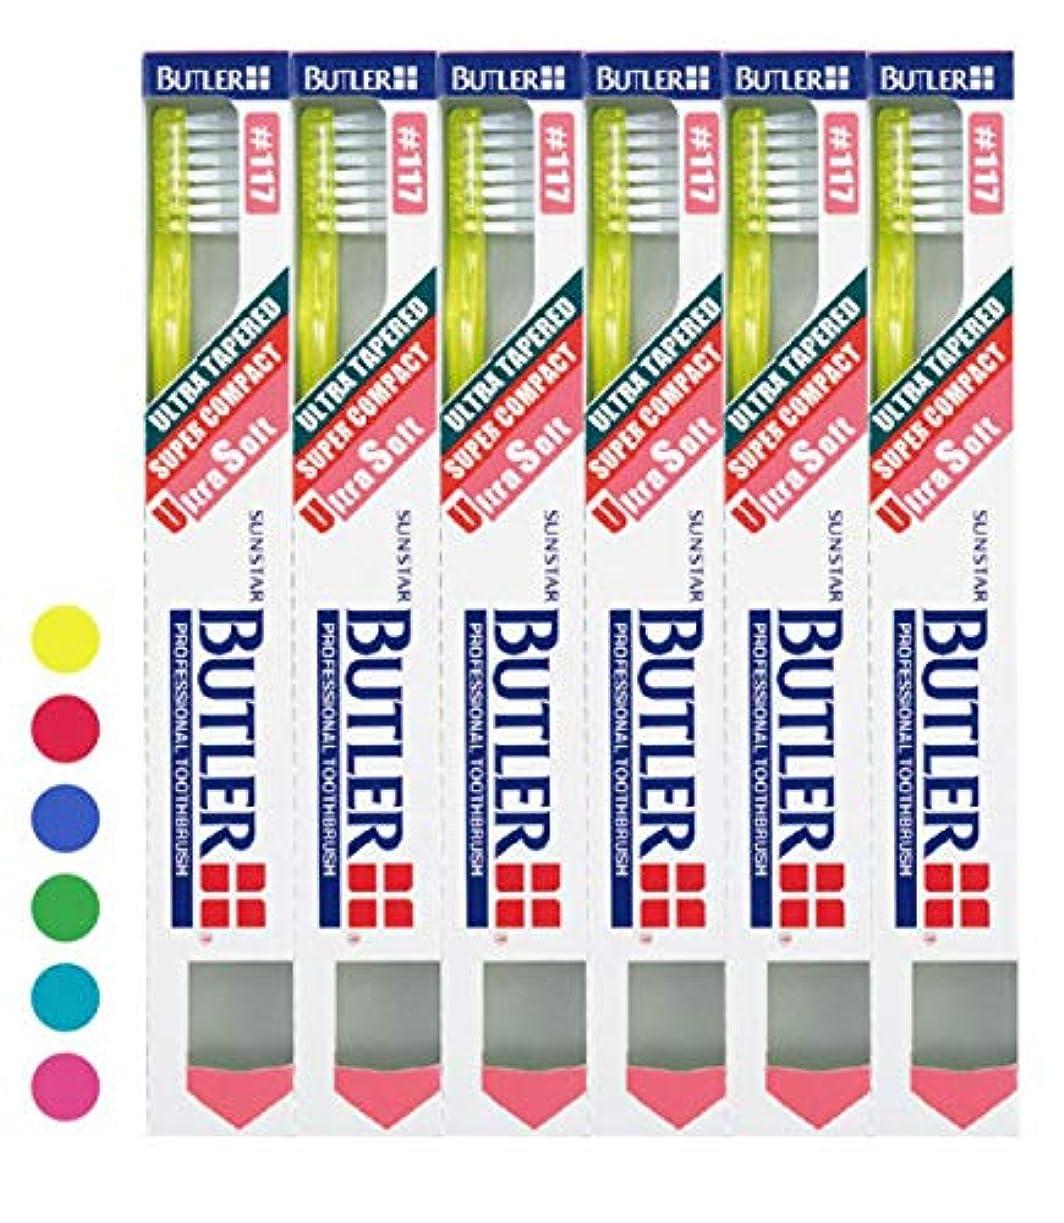 公不良袋バトラー 歯ブラシ (#117) 6本